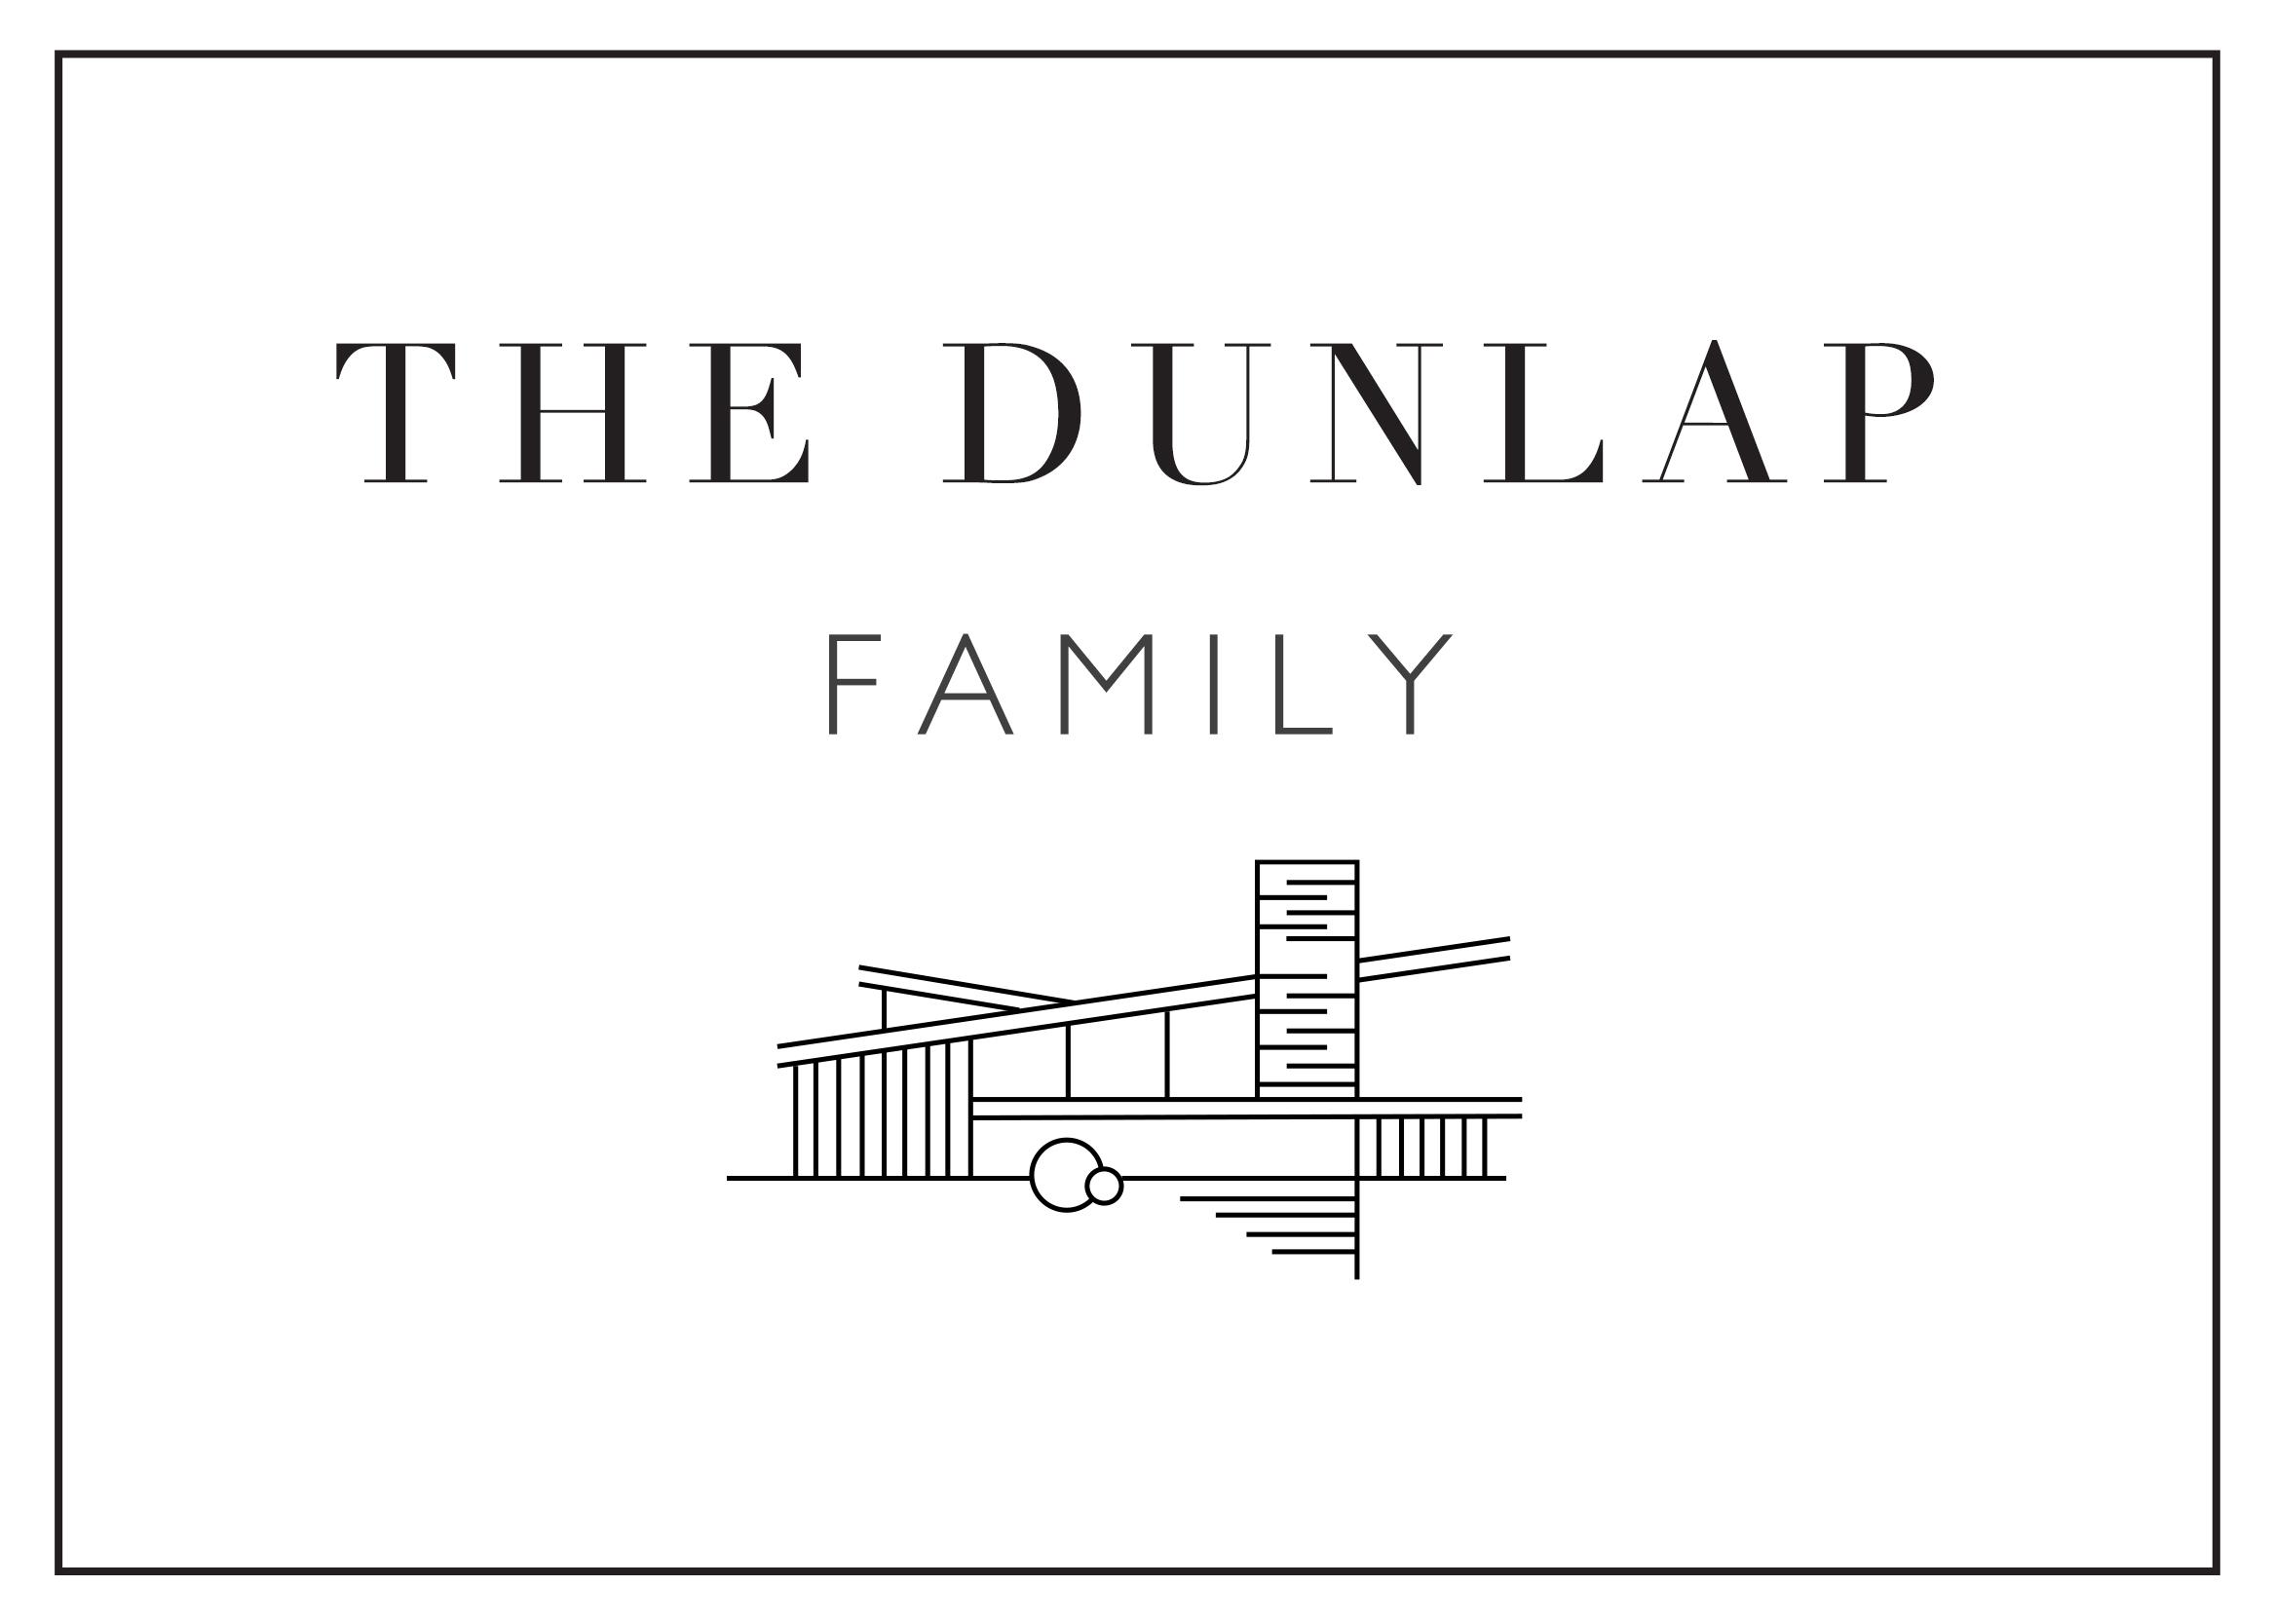 Dunlap Family.jpg